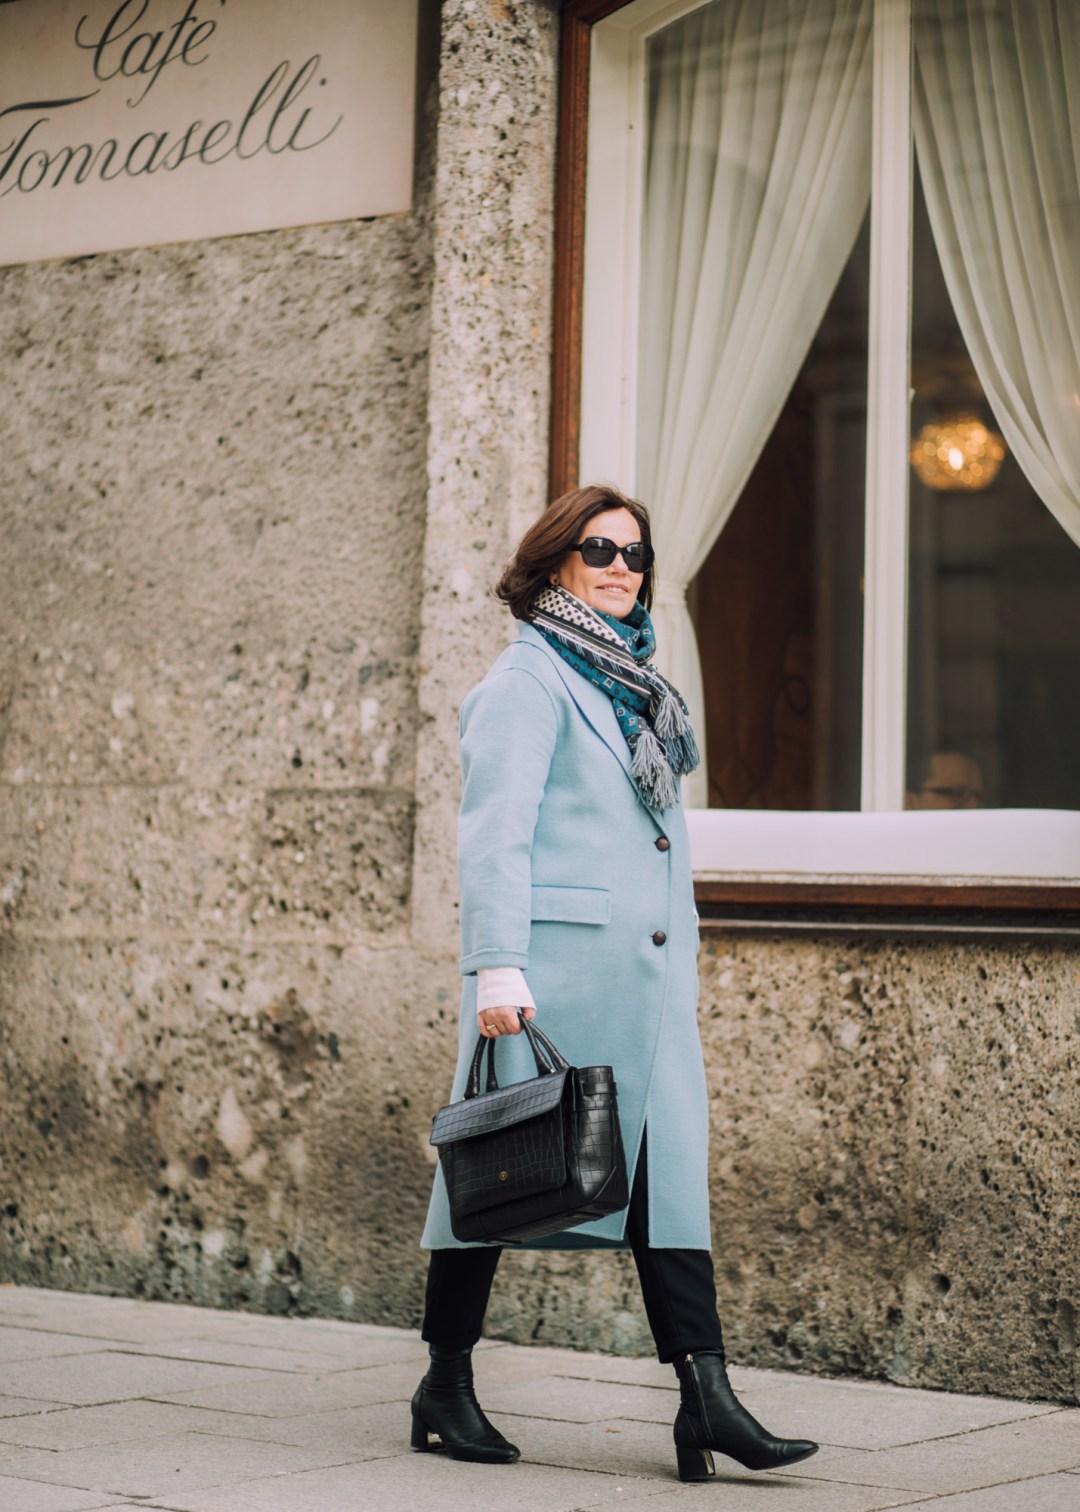 SONNTAGSKAFFEE Inastil, Maxwell Scott, Ü50Blog, Businesstasche, Salzburg, Modeblog, Styleover50, Stilberatung, Wintermode, Citymode, Wollmantel, blau,_-16